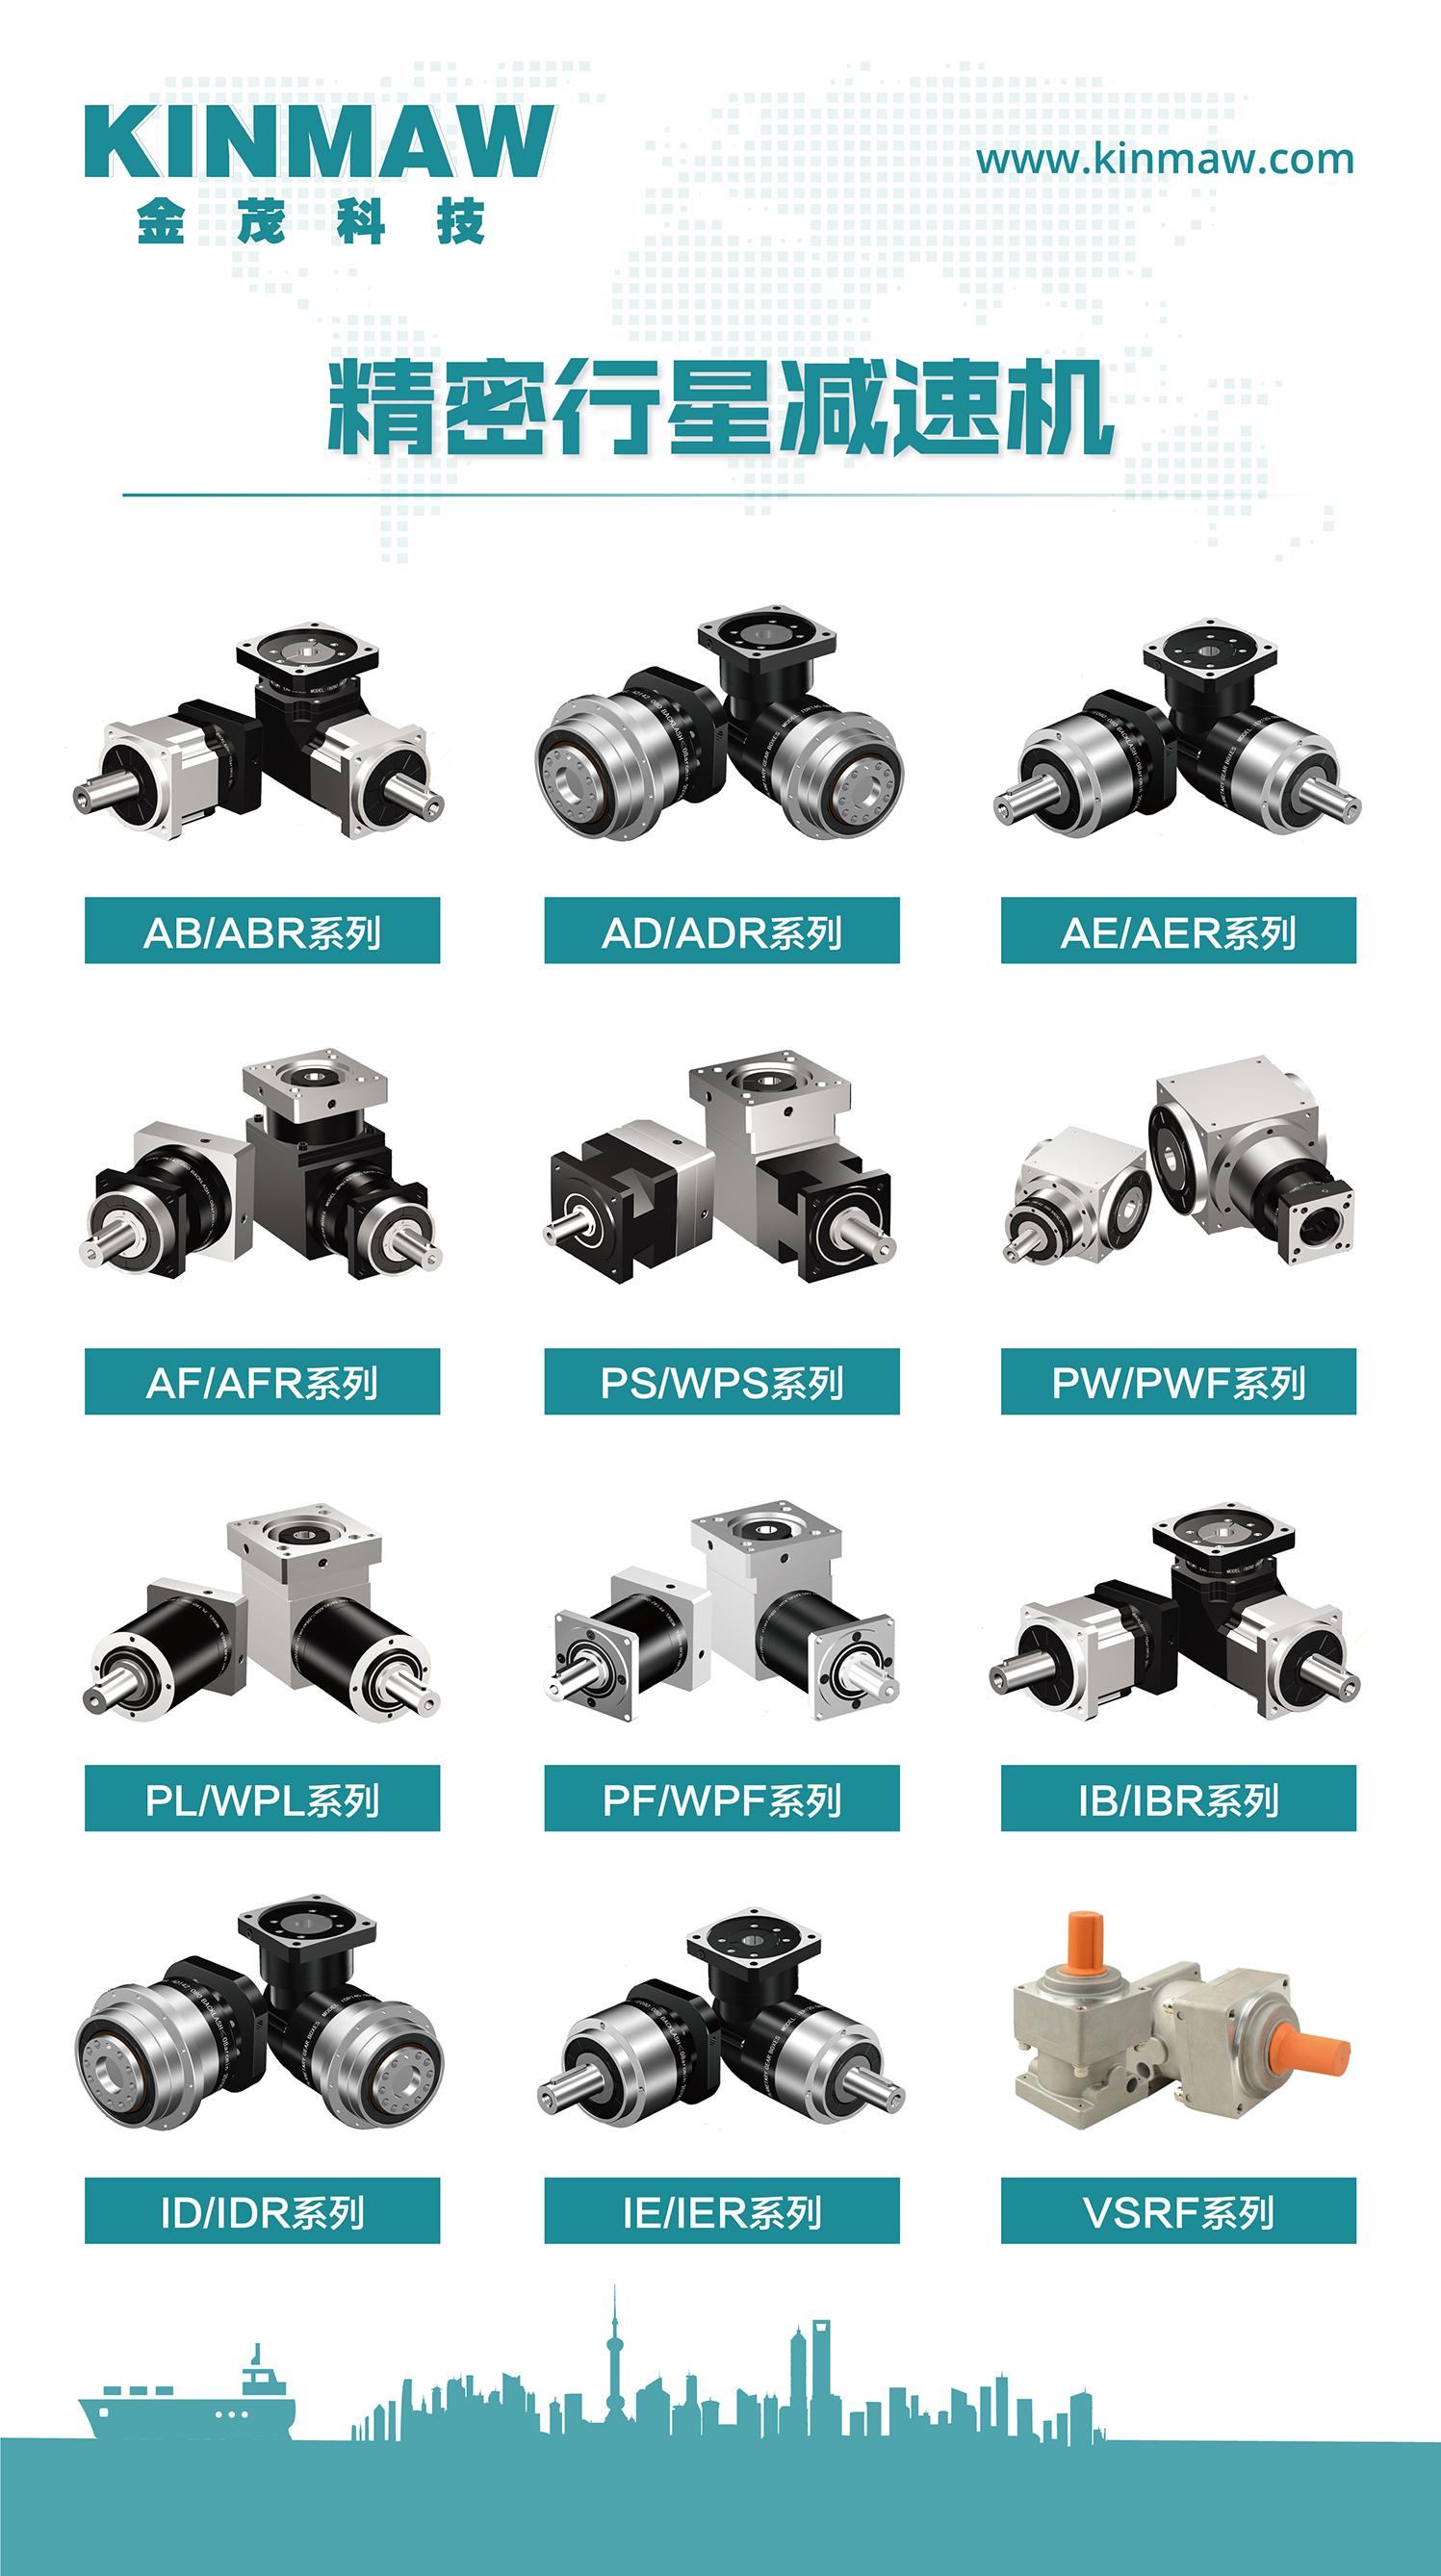 适配750W、1000W、850W伺服行星减速机,高精度、大扭矩 、超高性价比 行星减速机,伺服减速机,精密减速机,行星齿轮箱,步进减速机